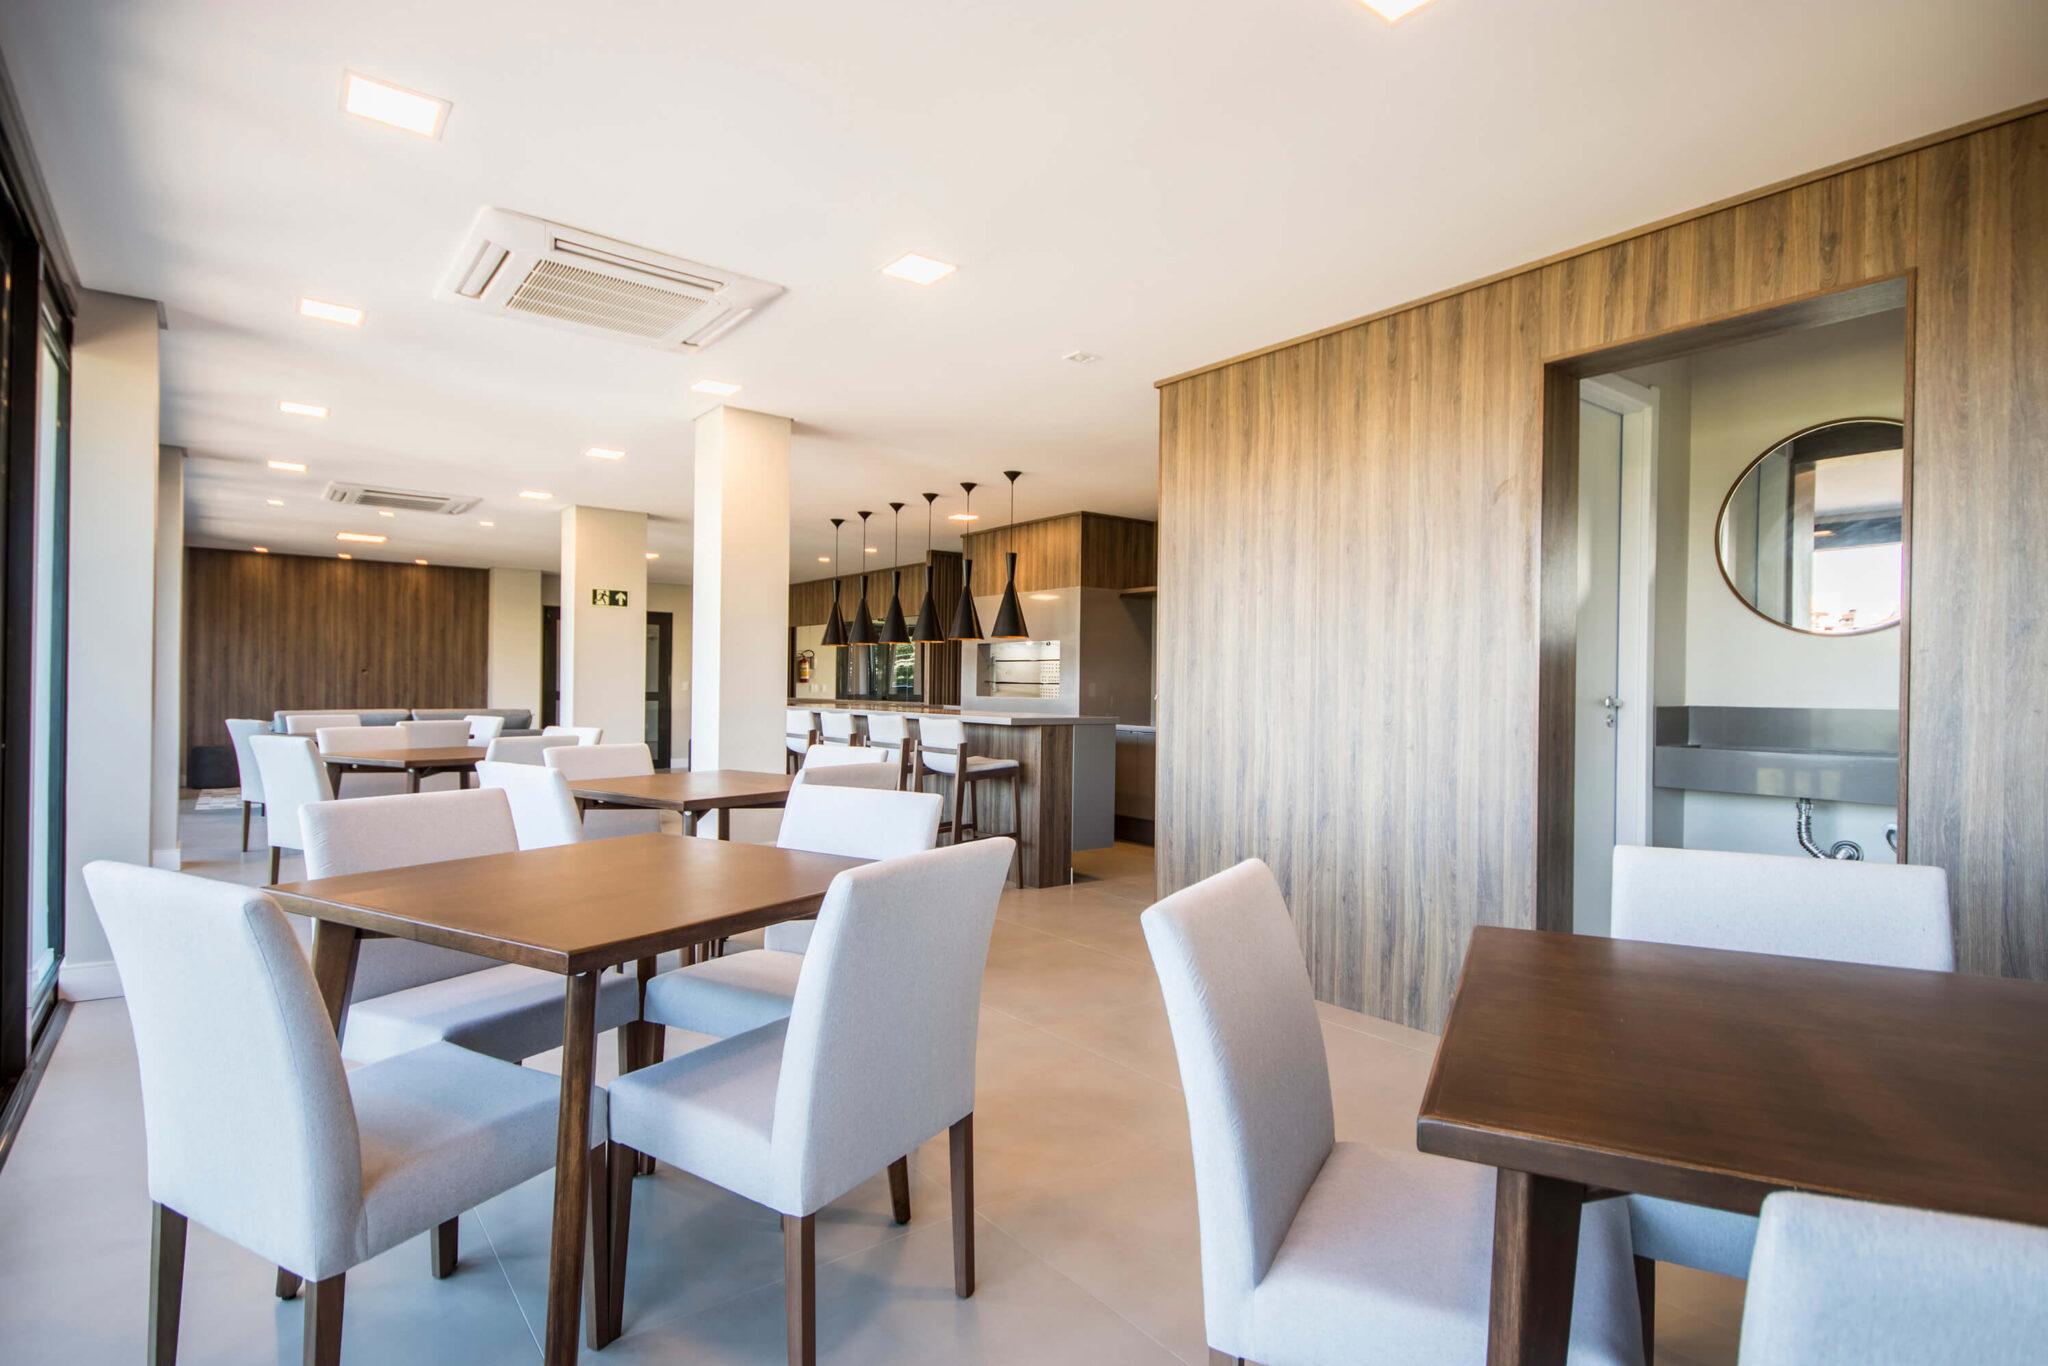 Empreendimento: RARO - Móveis para as áreas comuns do condomínio - Projeto: Raul Pêgas Arquitetos Associados